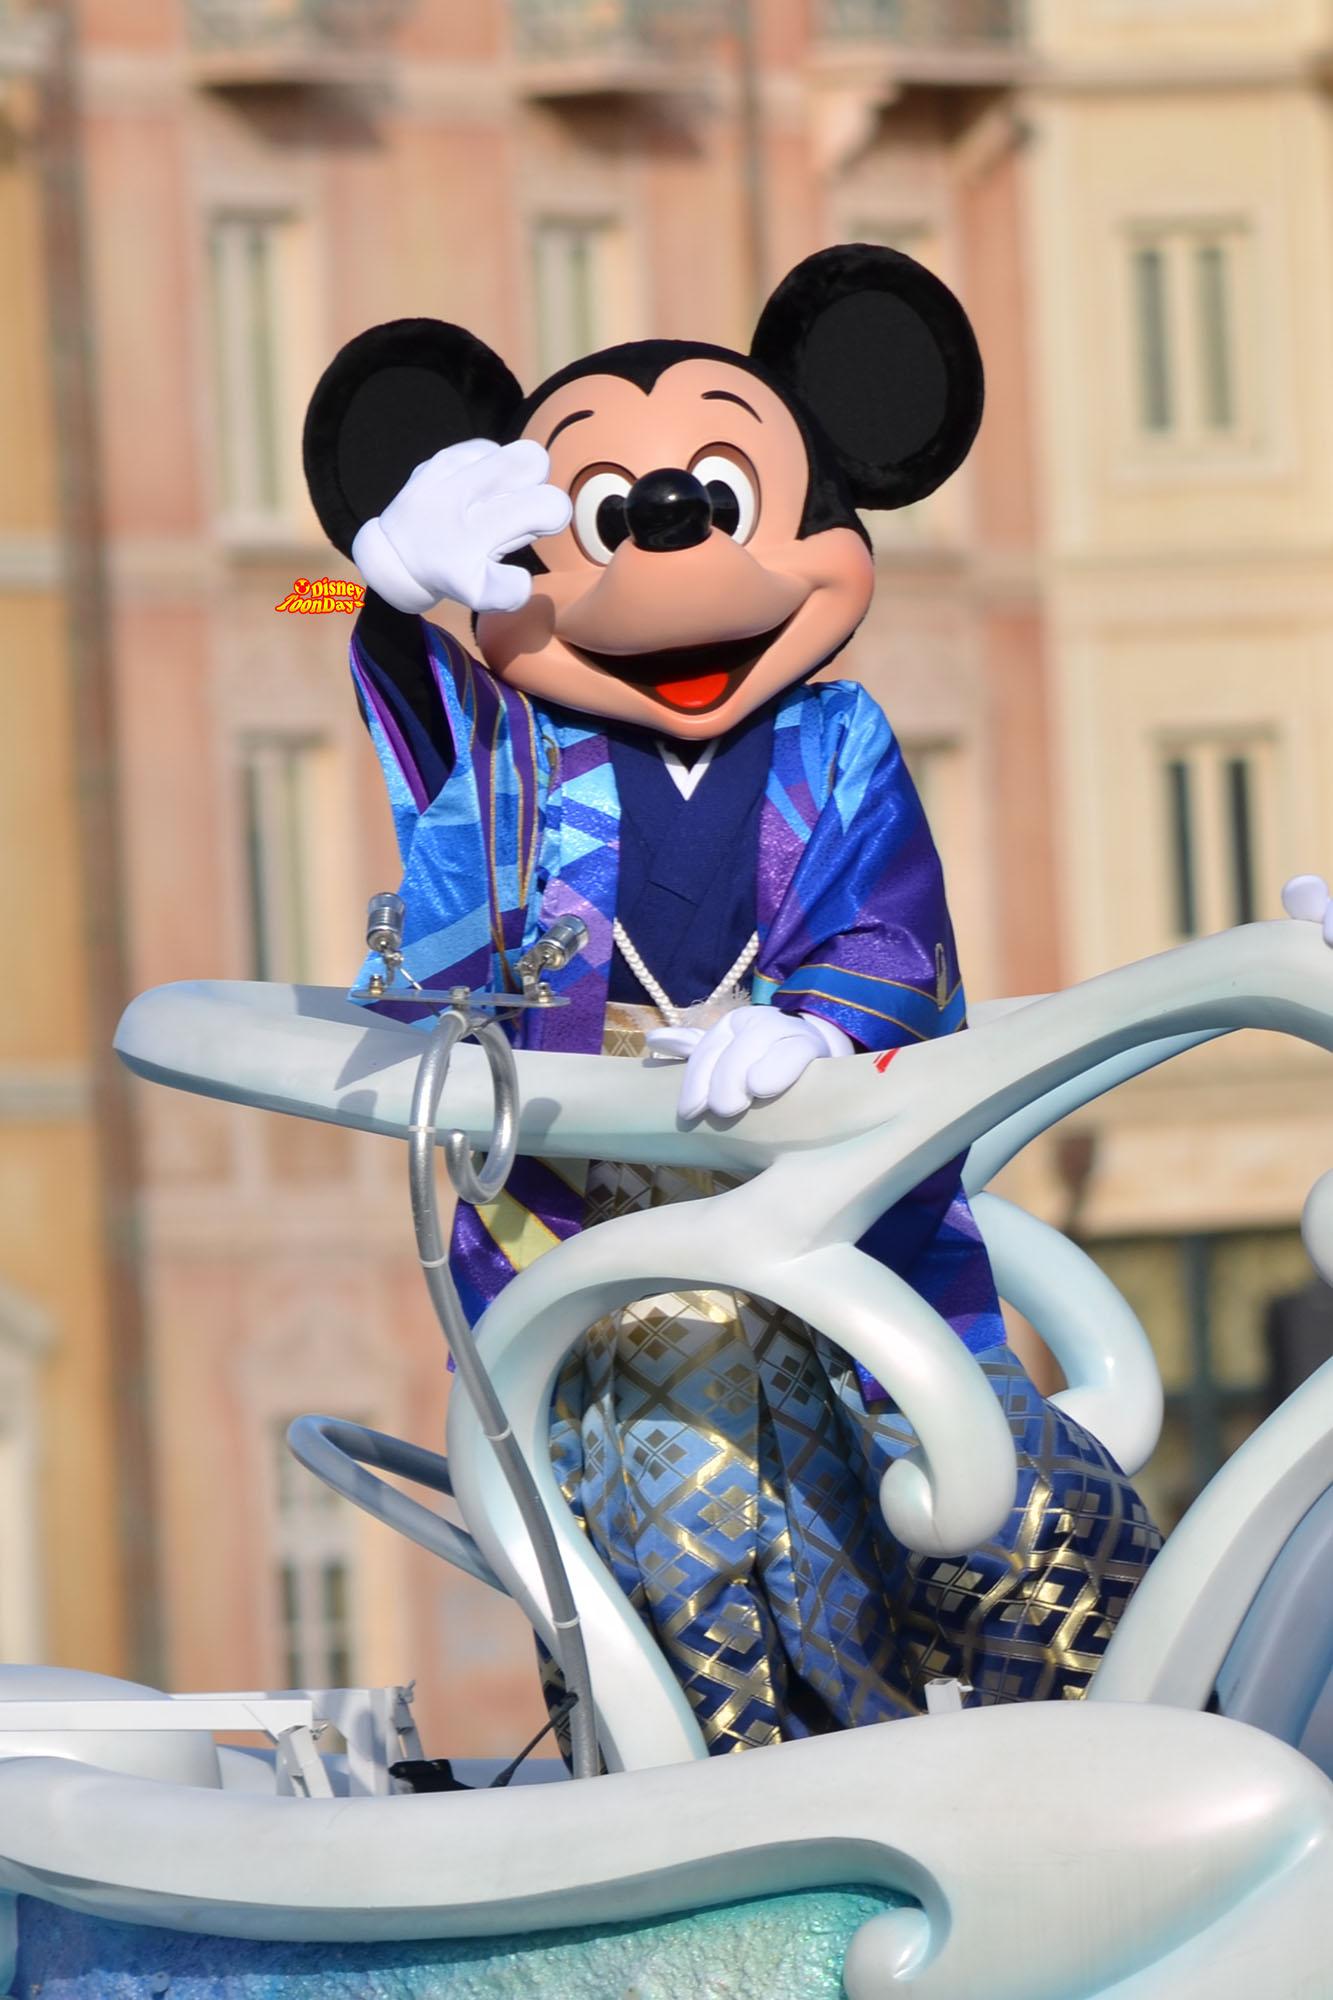 TDS ニューイヤーズグリーティング 2013 ミッキーマウス